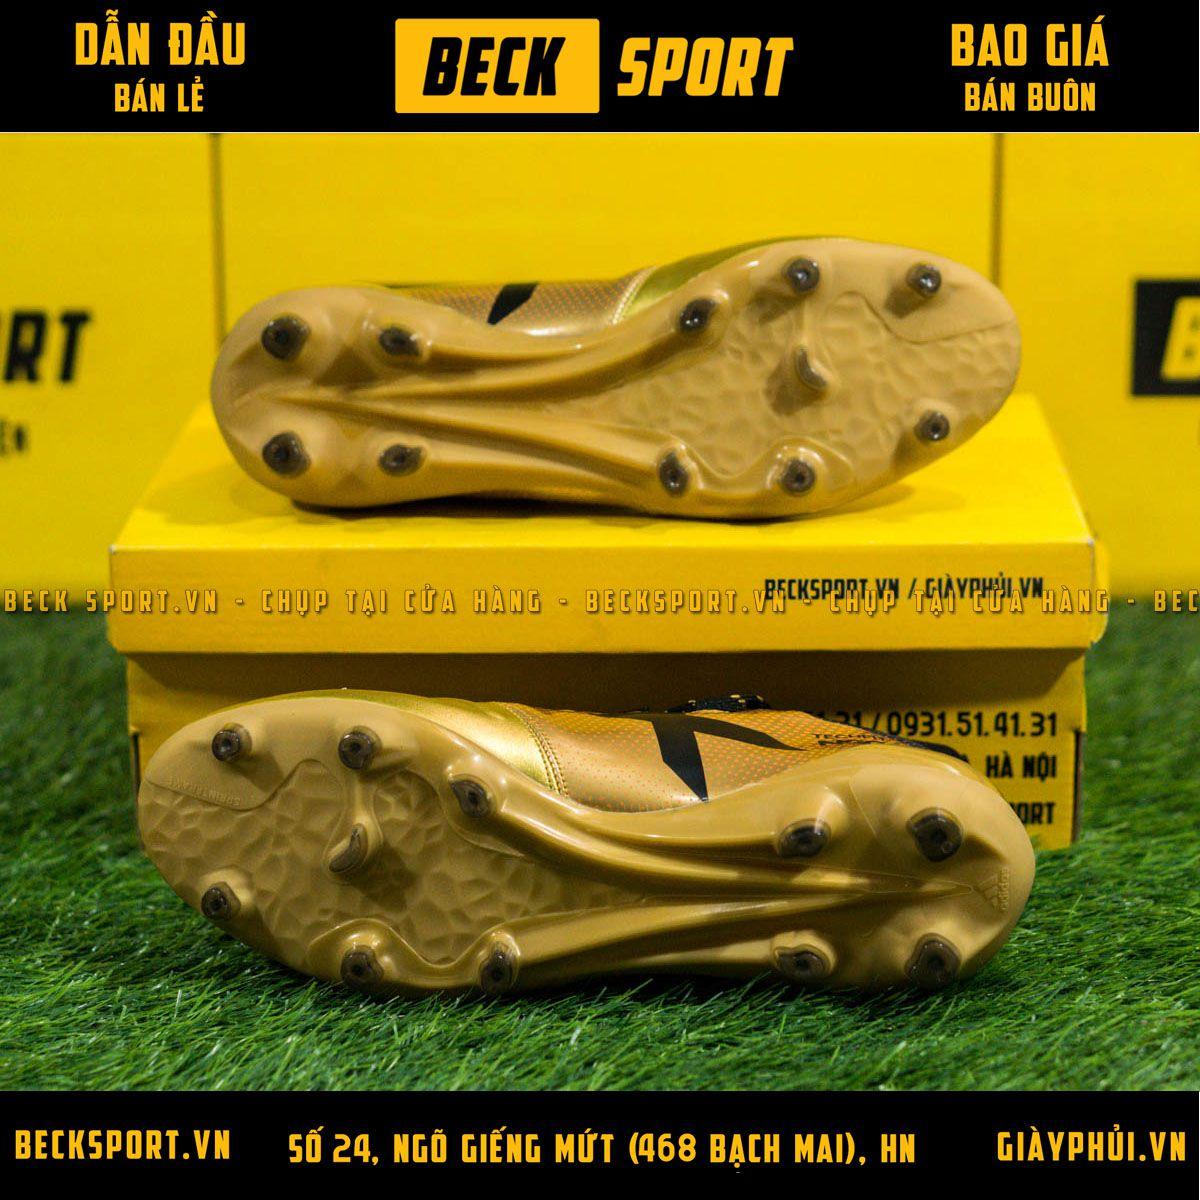 Giày Bóng Đá Trẻ Em Adidas X 17.3 Đồng Chấm Bi Đỏ FG